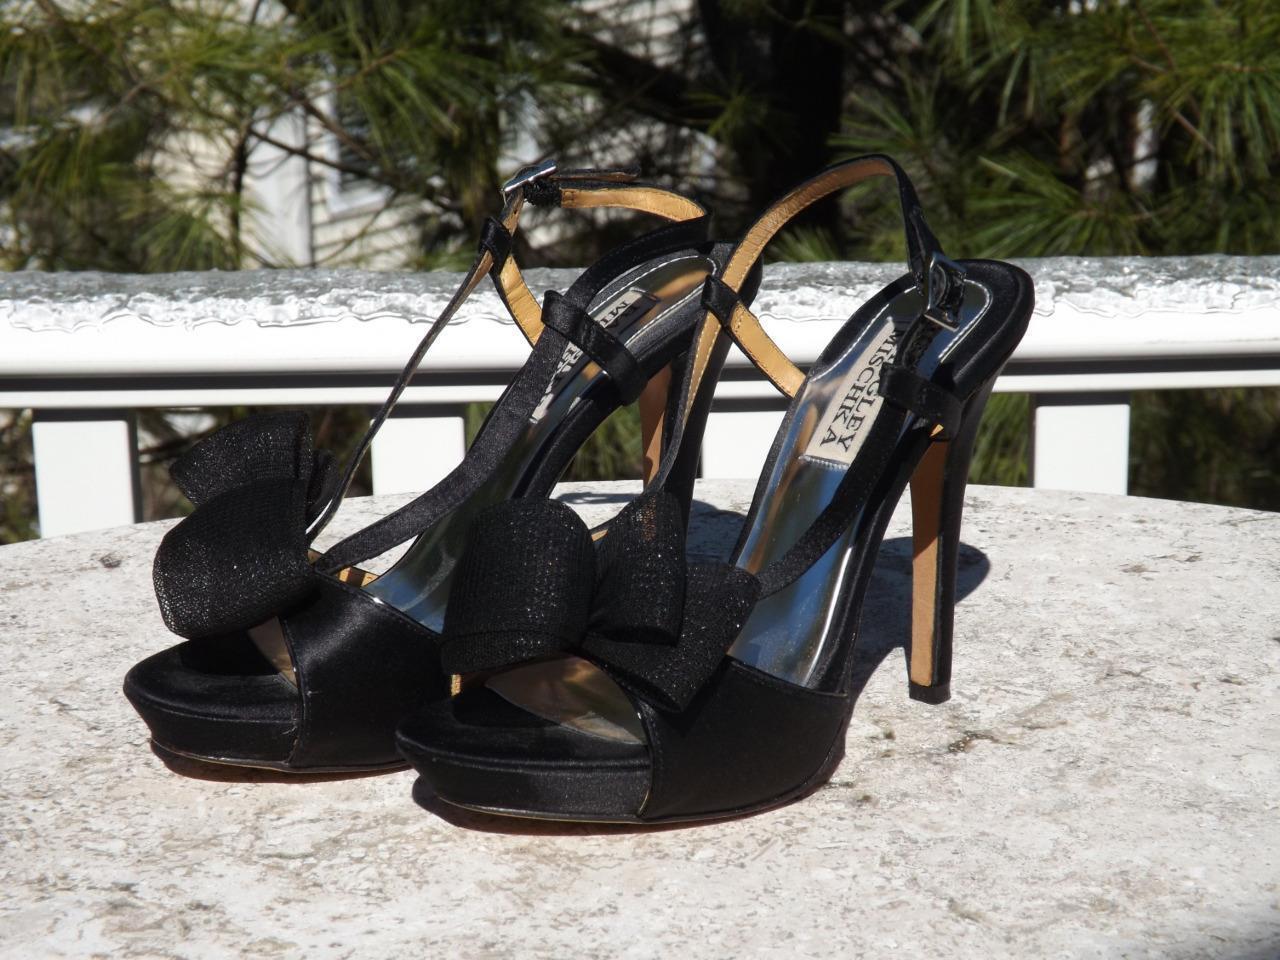 Badgley Mischka Negro Negro Negro satinado Slingback arco Plataforma Tacones 6 M  precio mas barato